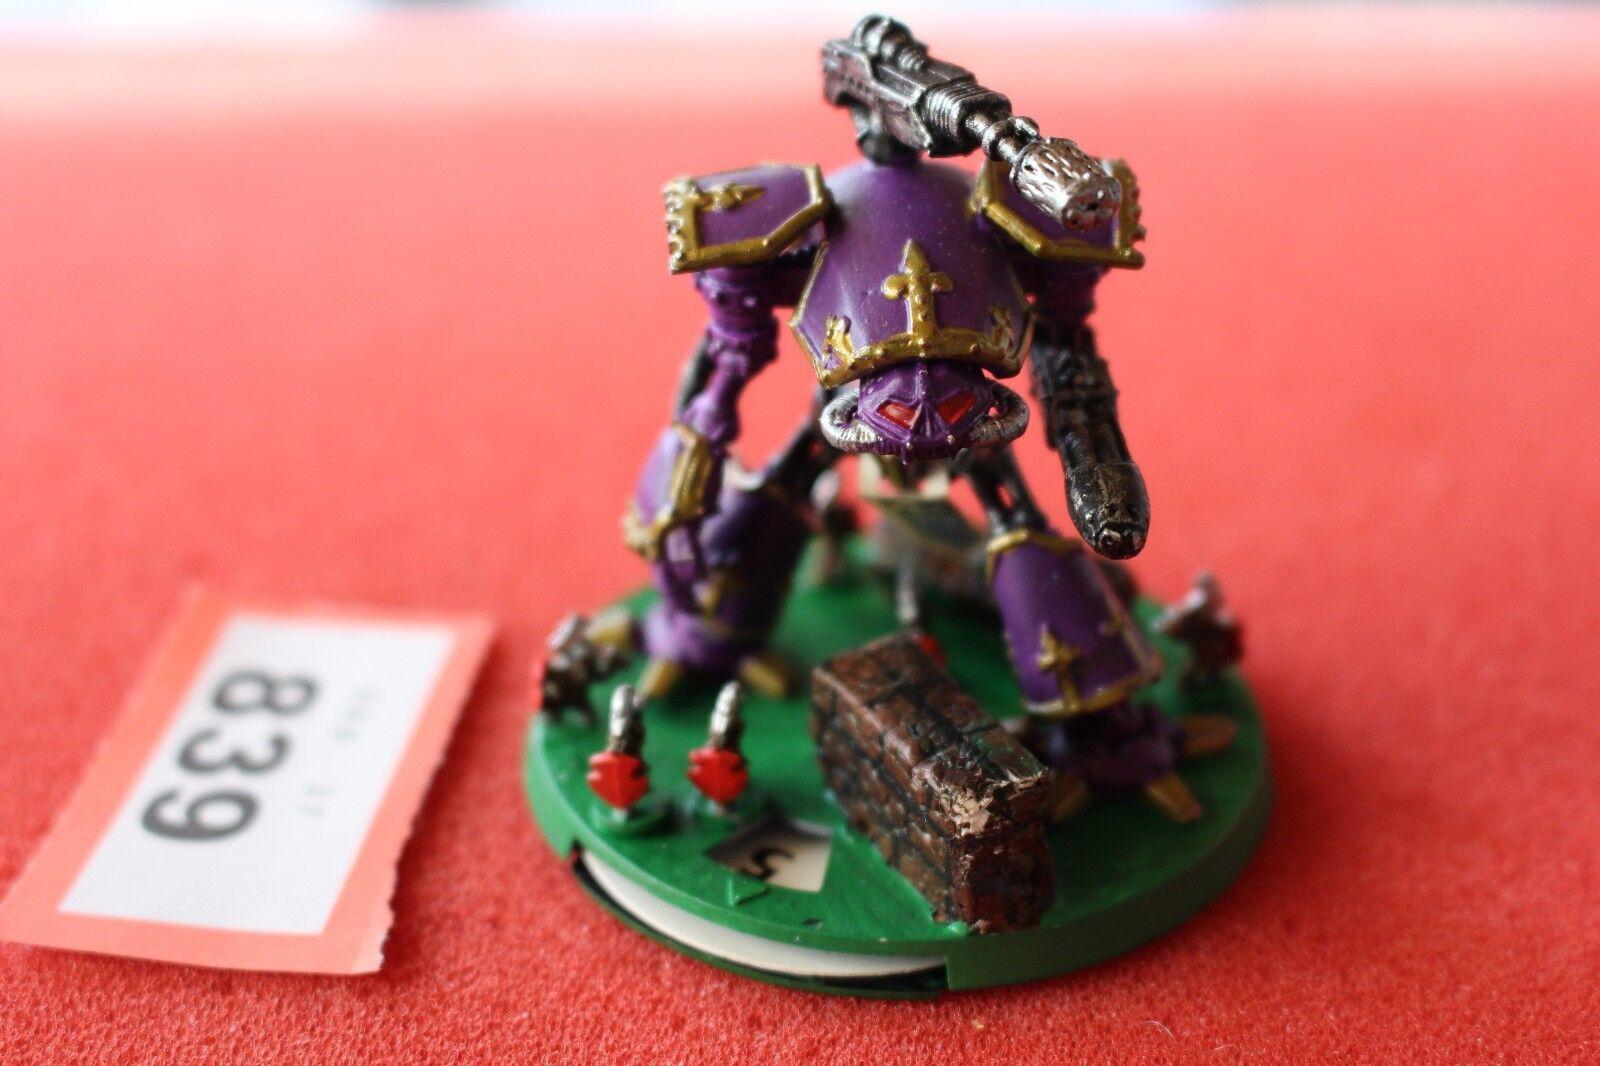 Games Workshop Epic 40k Imperial Reaver Titan Painted Metal Armageddon OOP GW